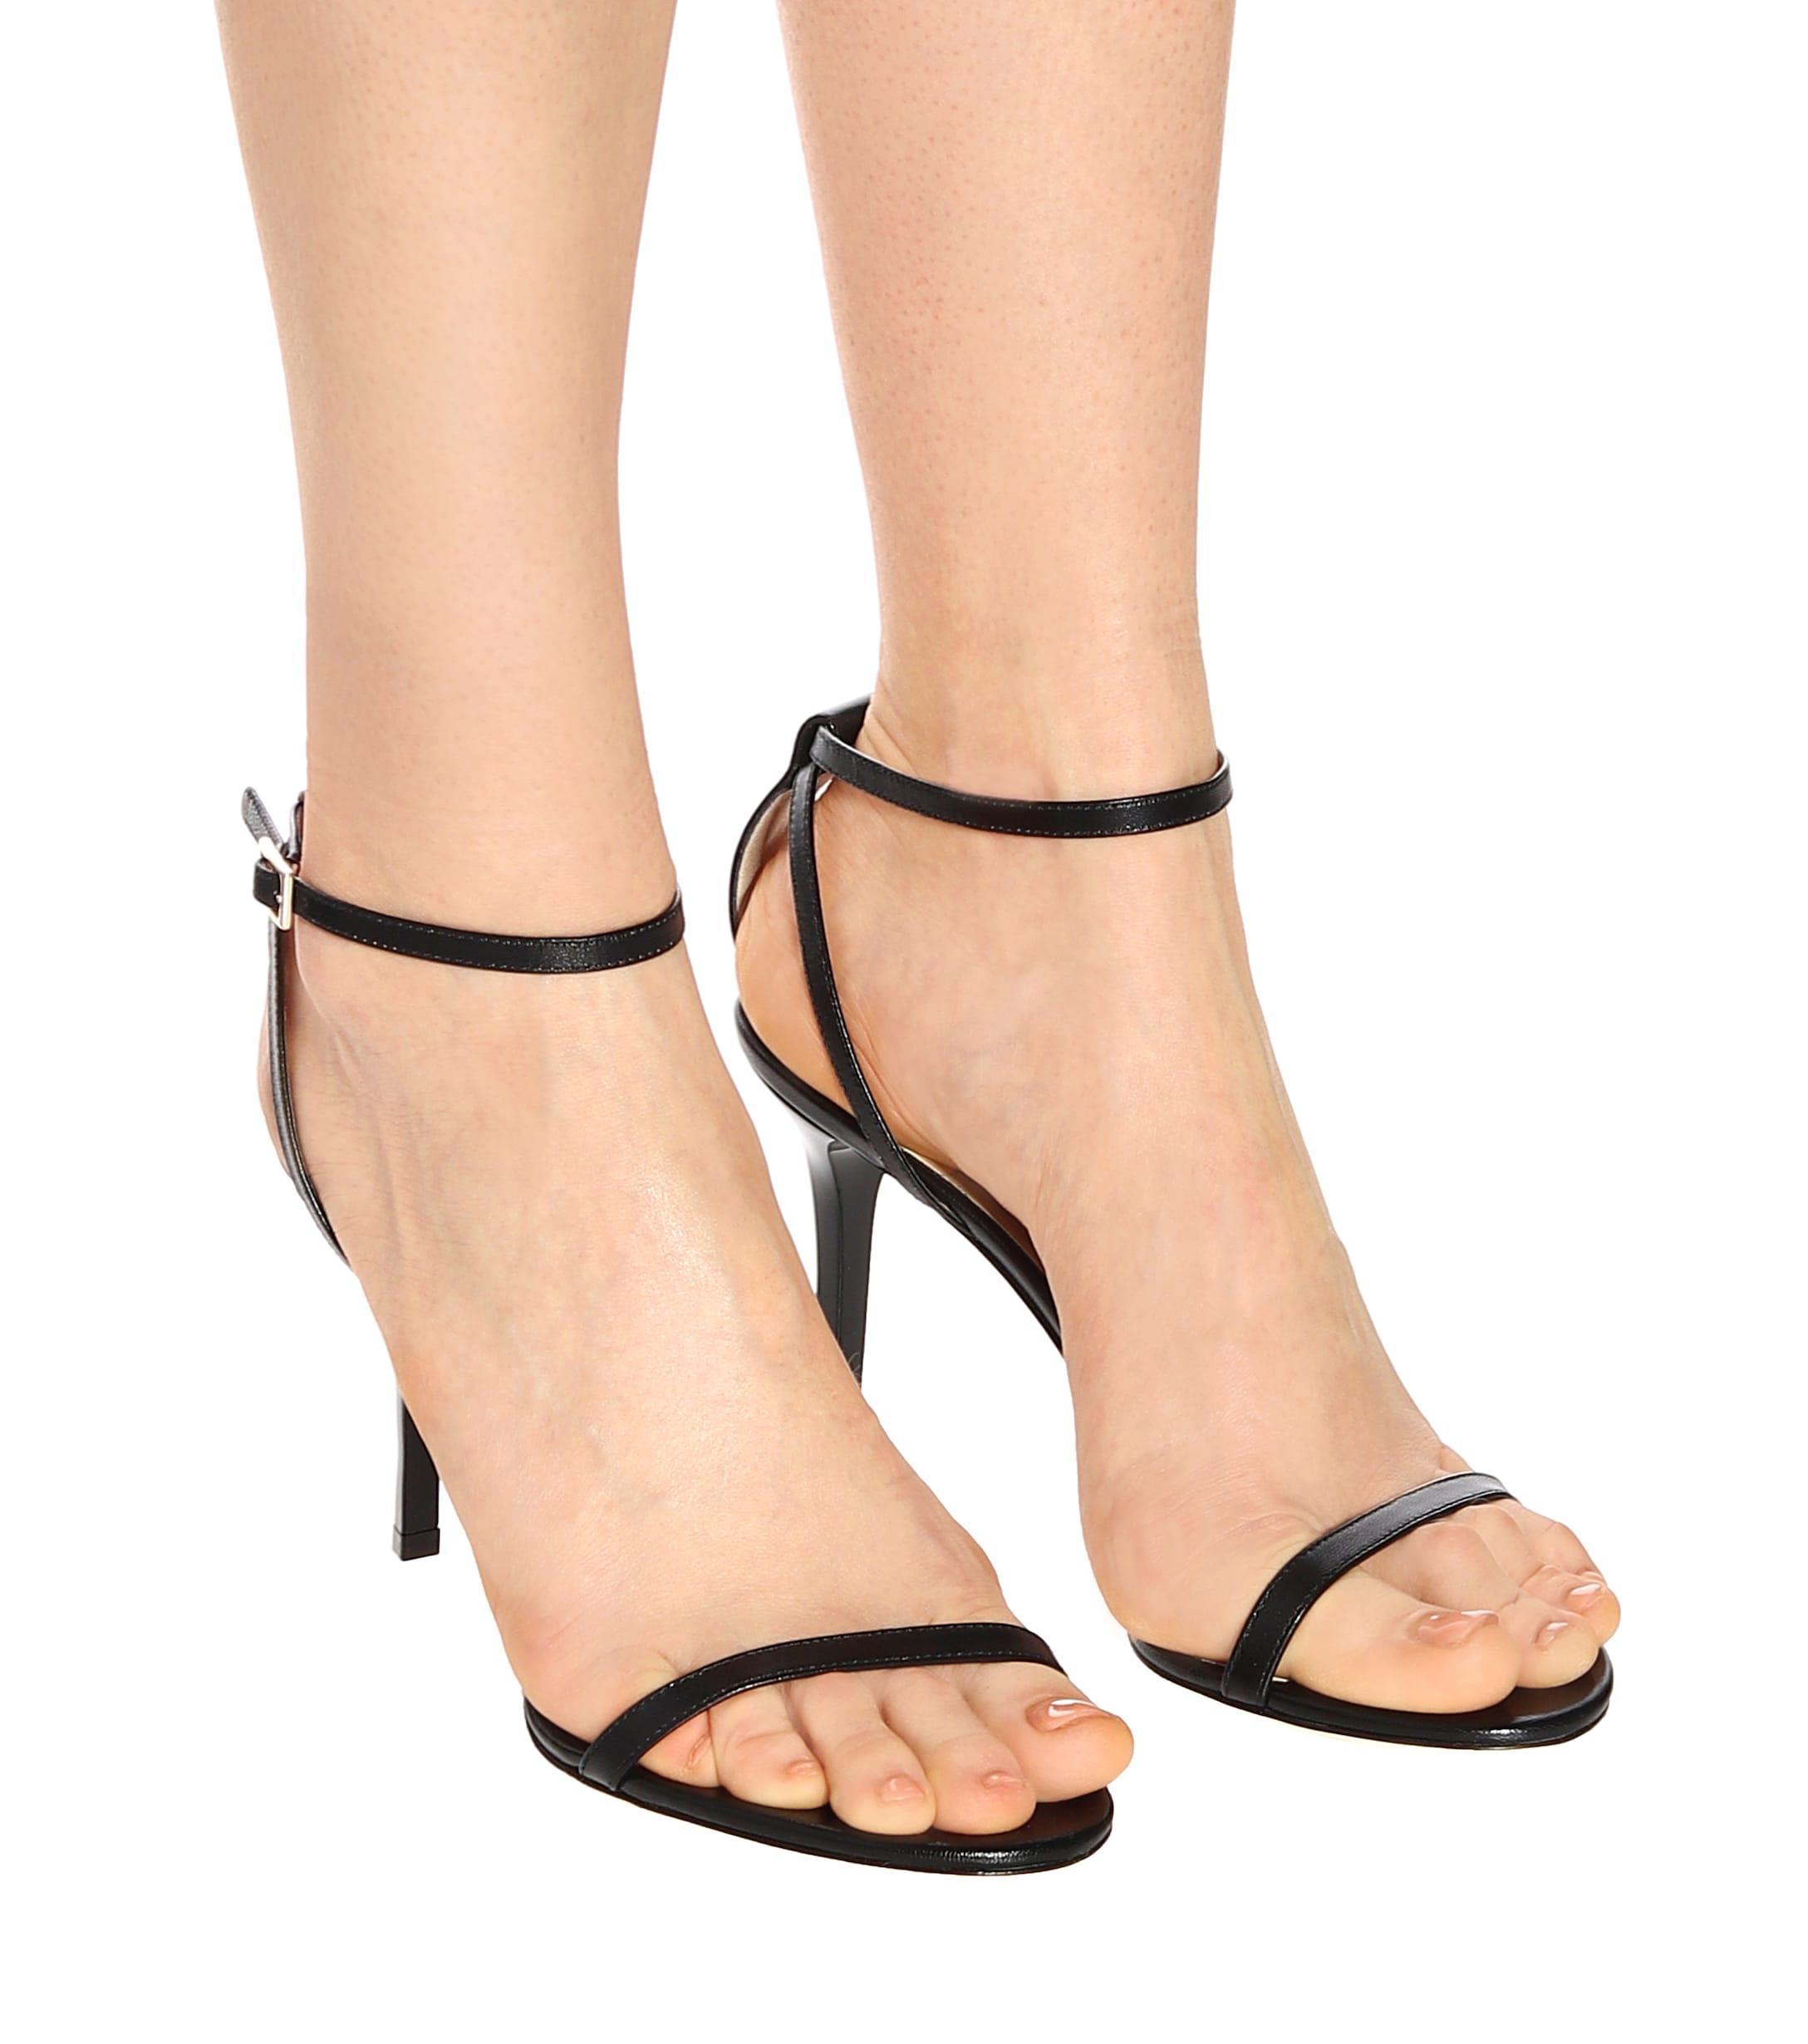 Minny 85 Sandales En Daim Daim Jimmy Choo en coloris Noir - 30 % de réduction